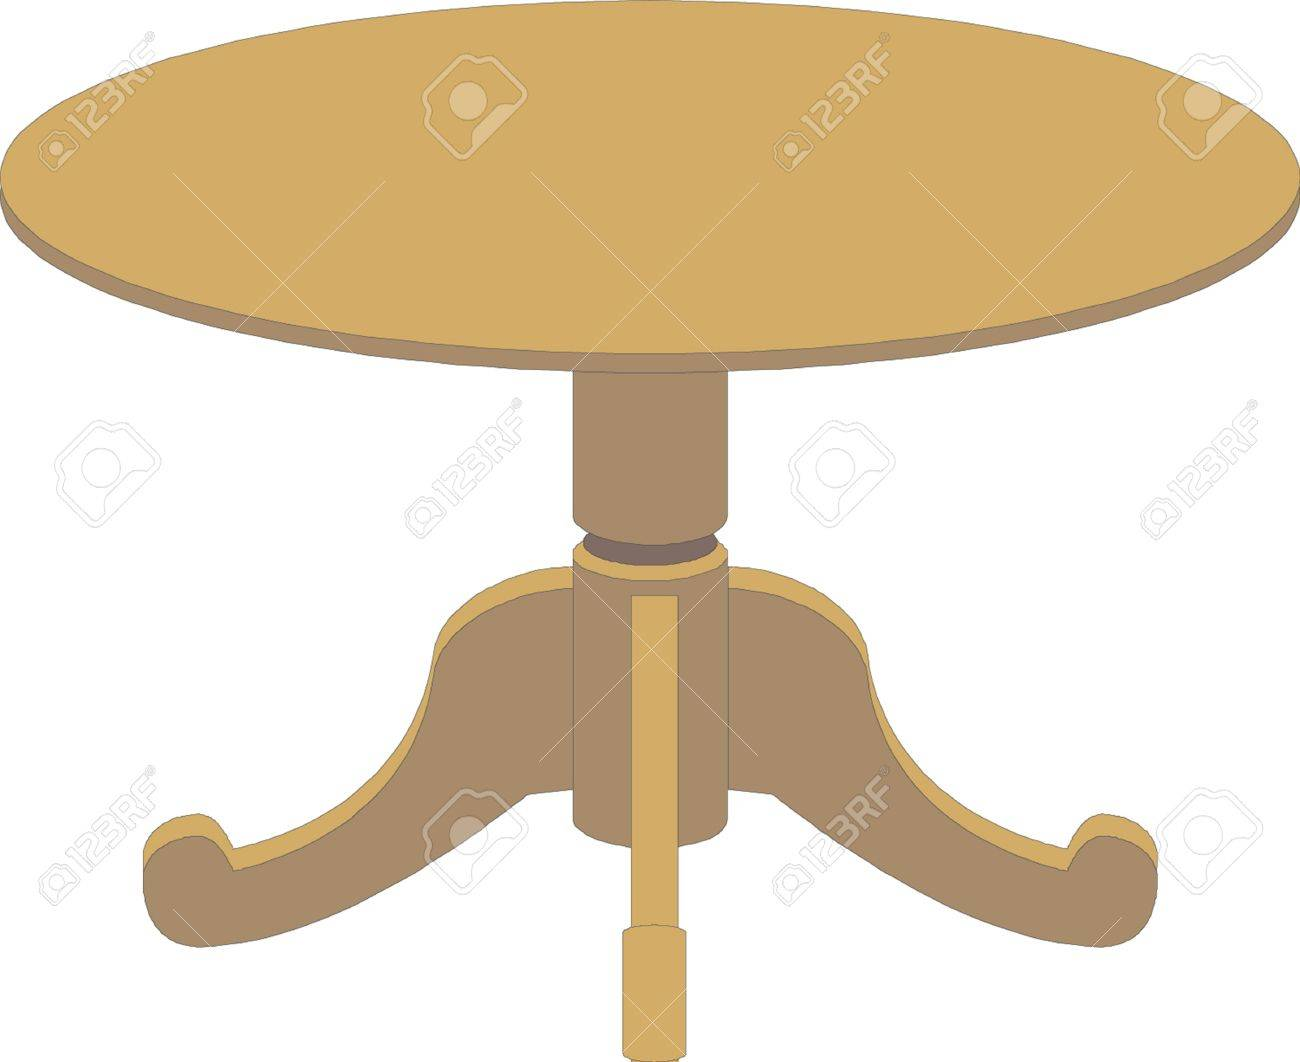 Houten ronde tafel op wit wordt geïsoleerd royalty vrije cliparts